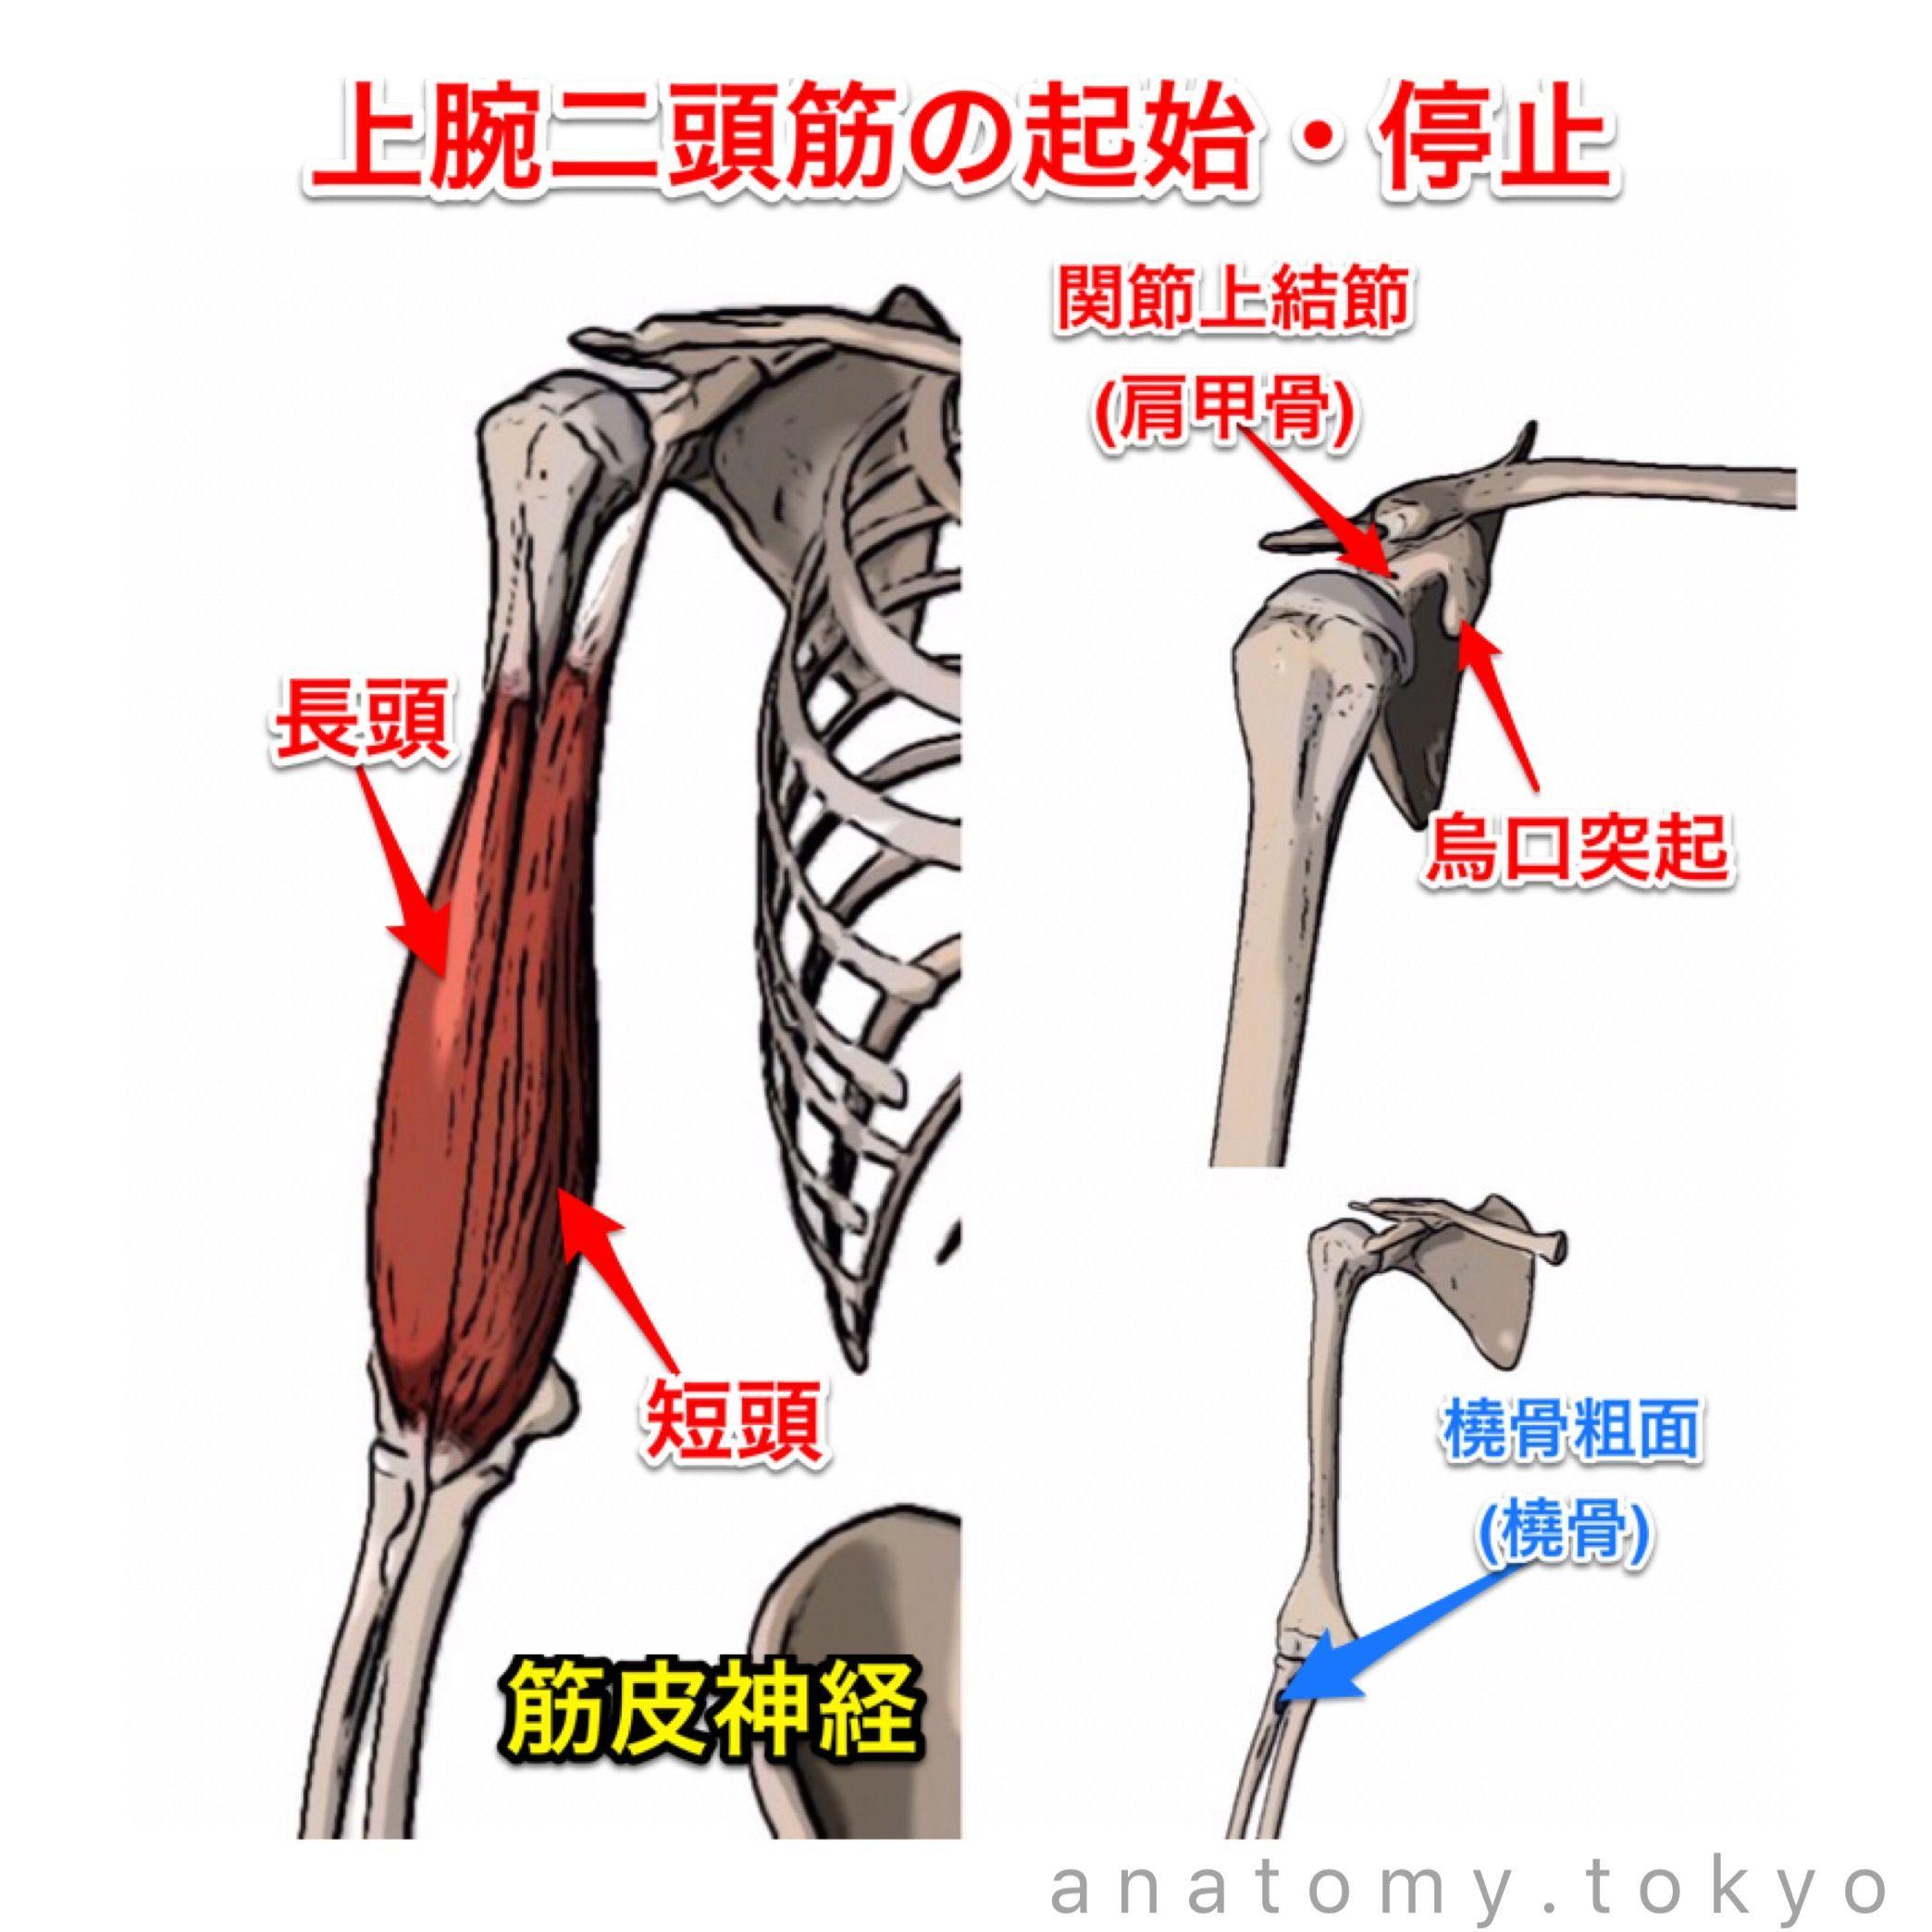 上腕二頭筋の起始は(A. )と(B. )、停止は(C.)、支配神経は(D ...